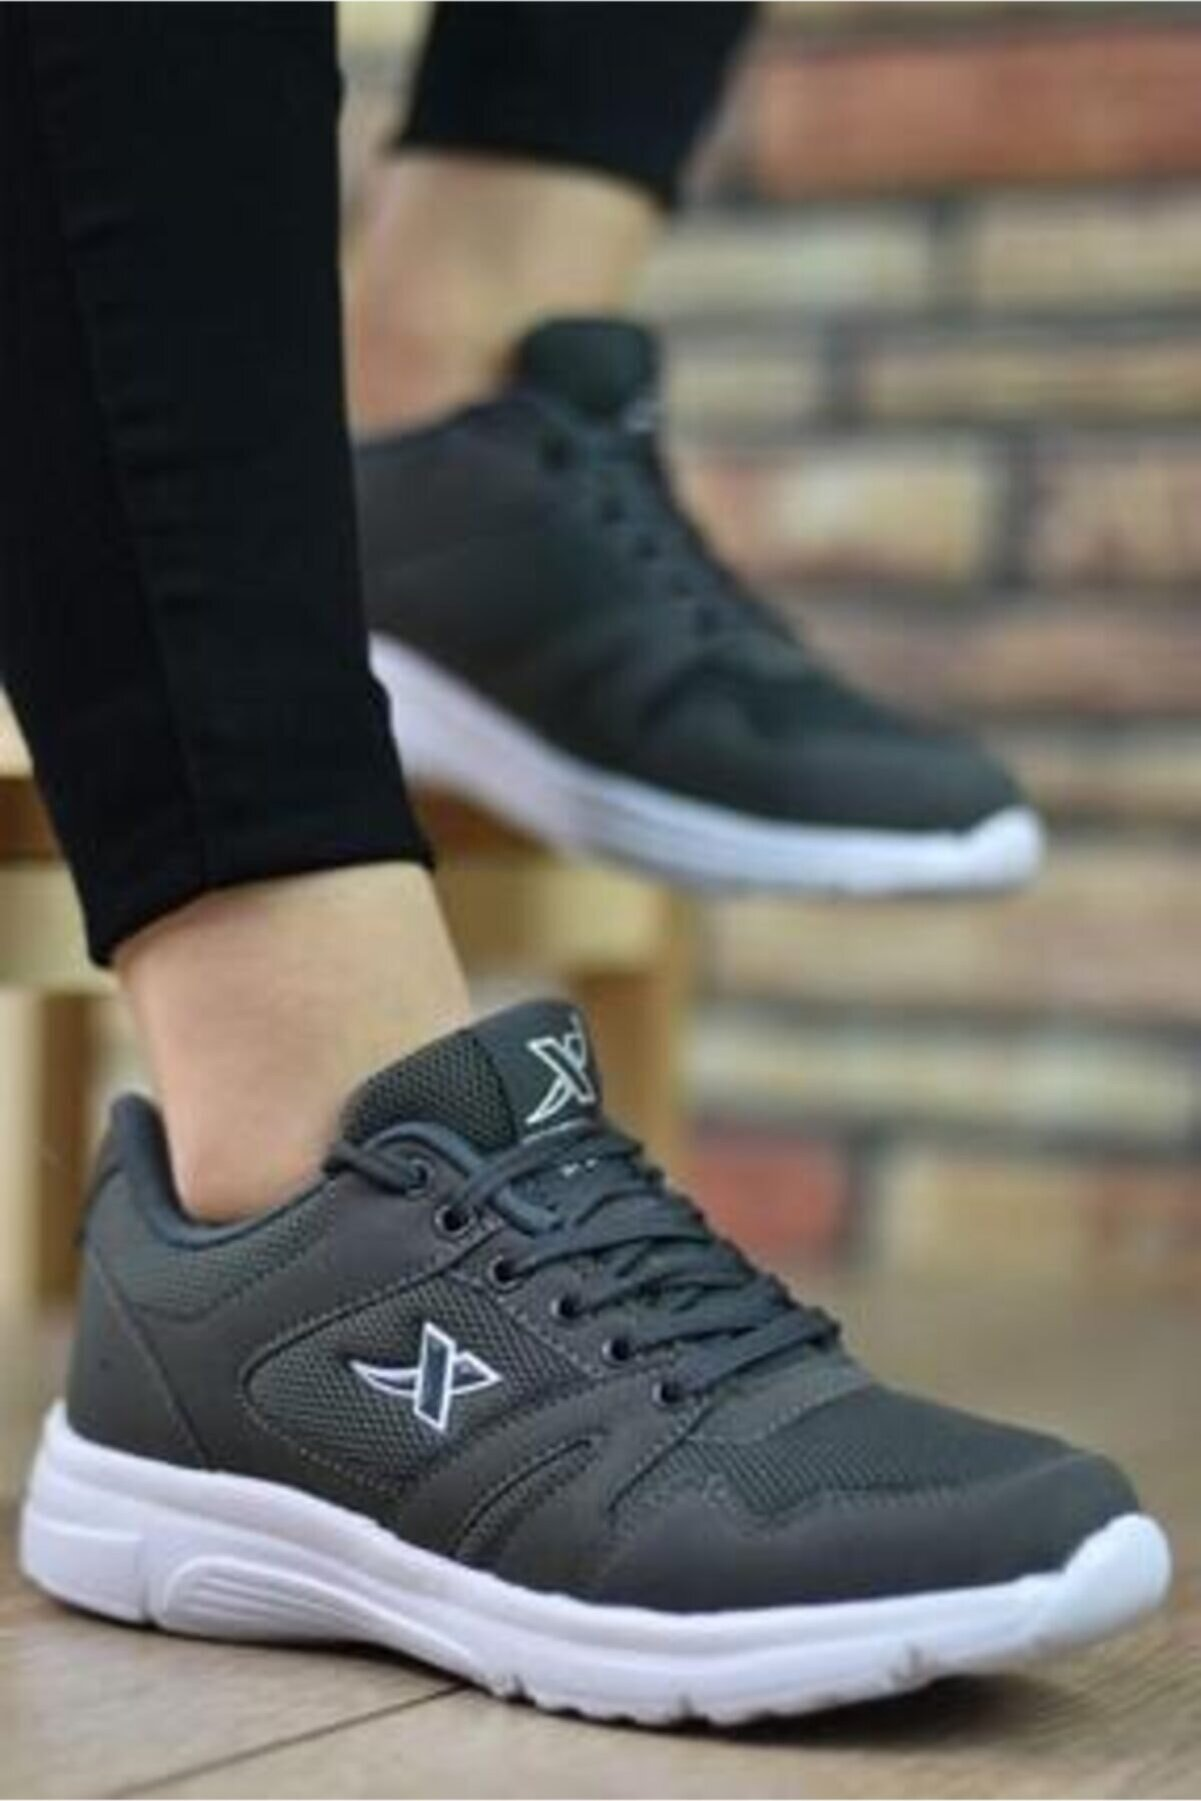 XStep Elvaaa Spor Ayakkabı Günlük Ortepedi Yürüyüş Koşu Ayakkabı